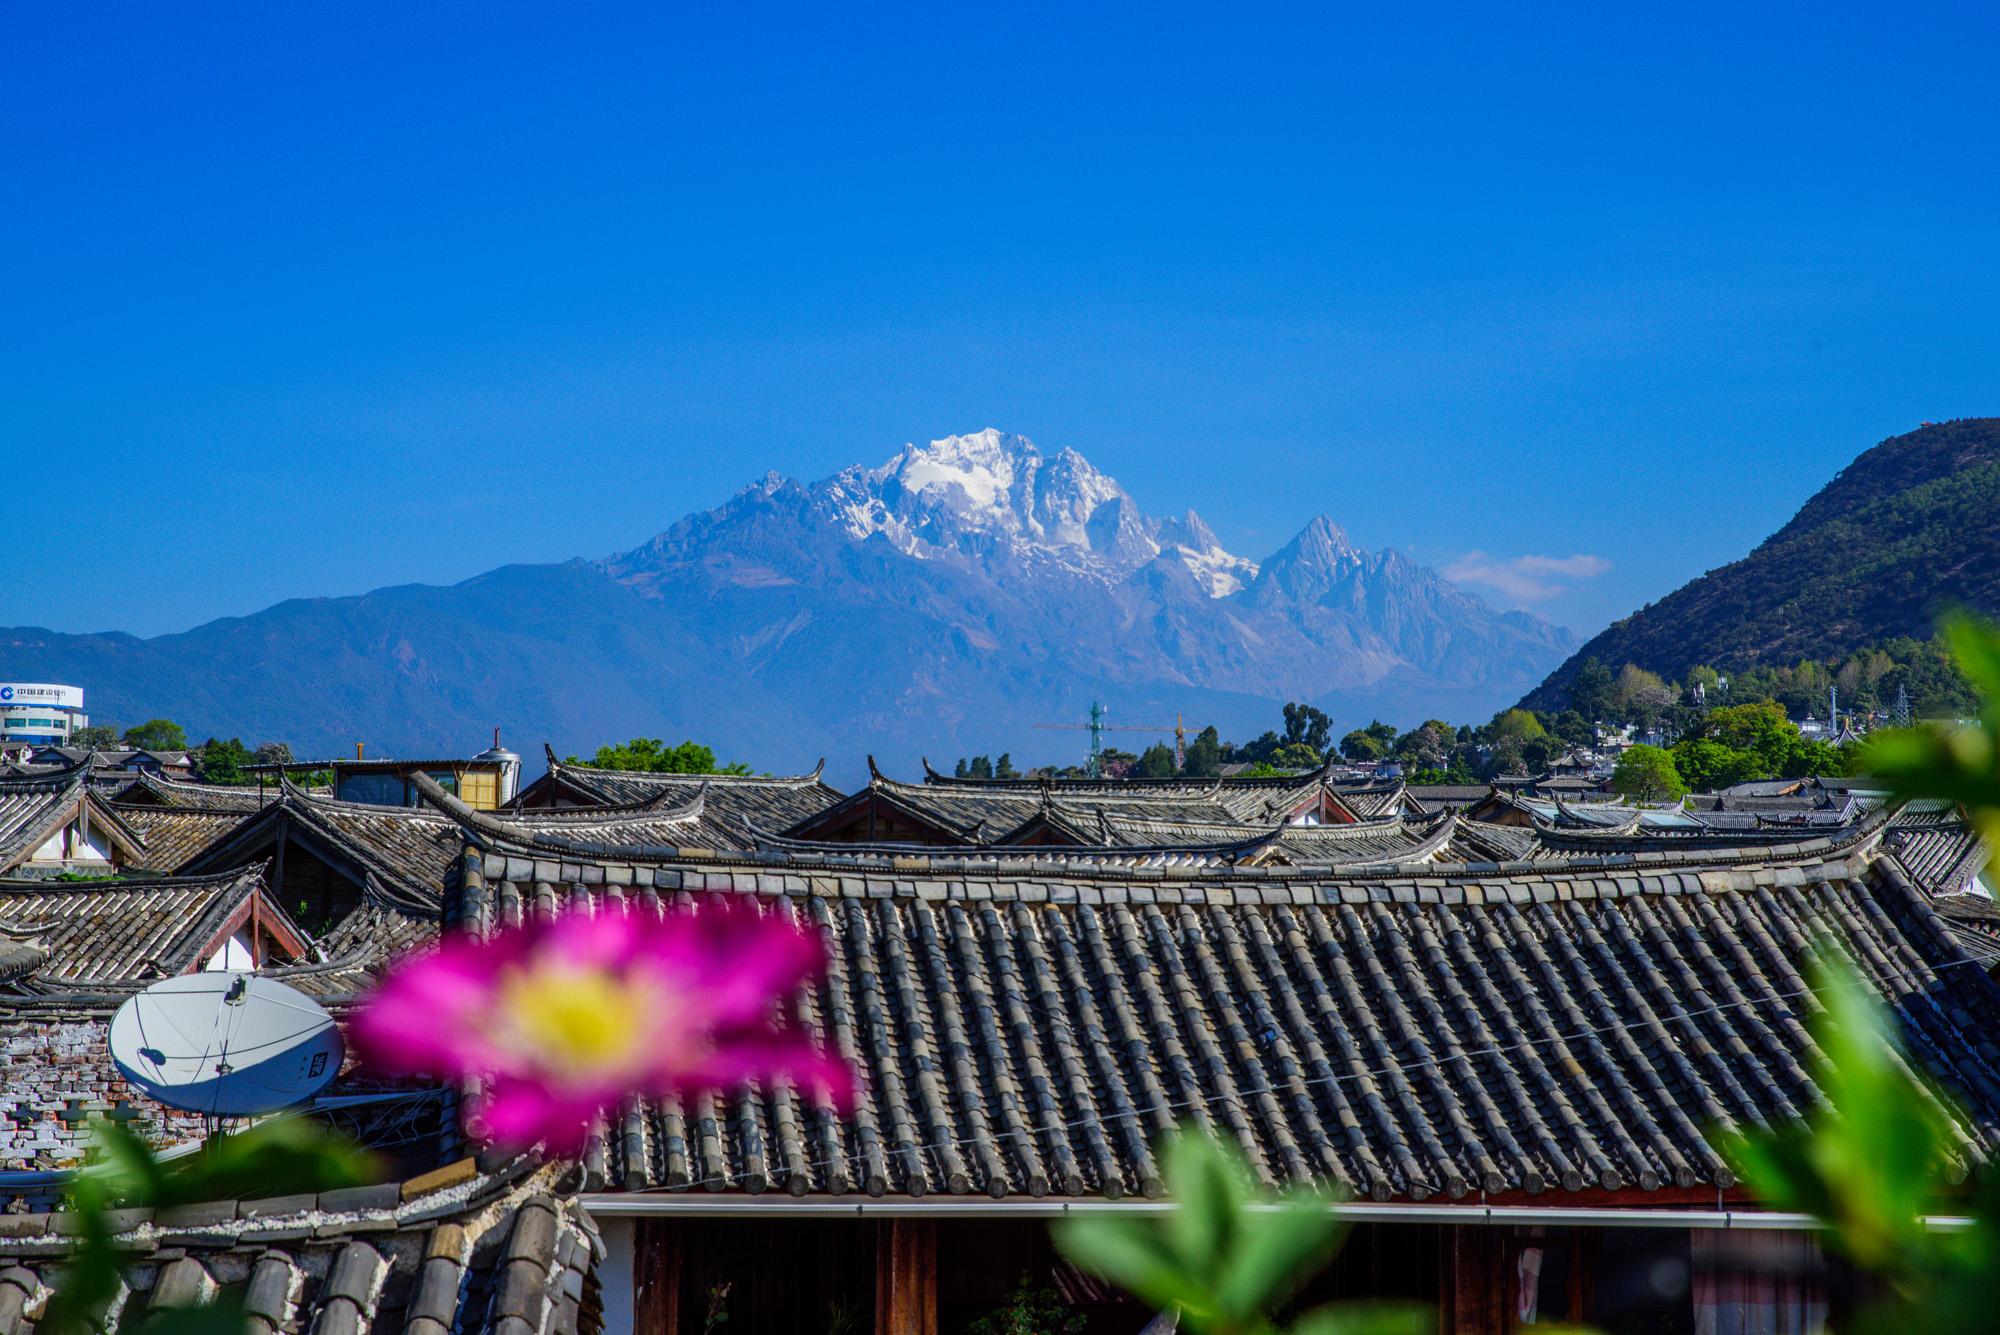 这里比丽江古城小三倍,却丝毫不比丽江古城差多少,有人还独爱它